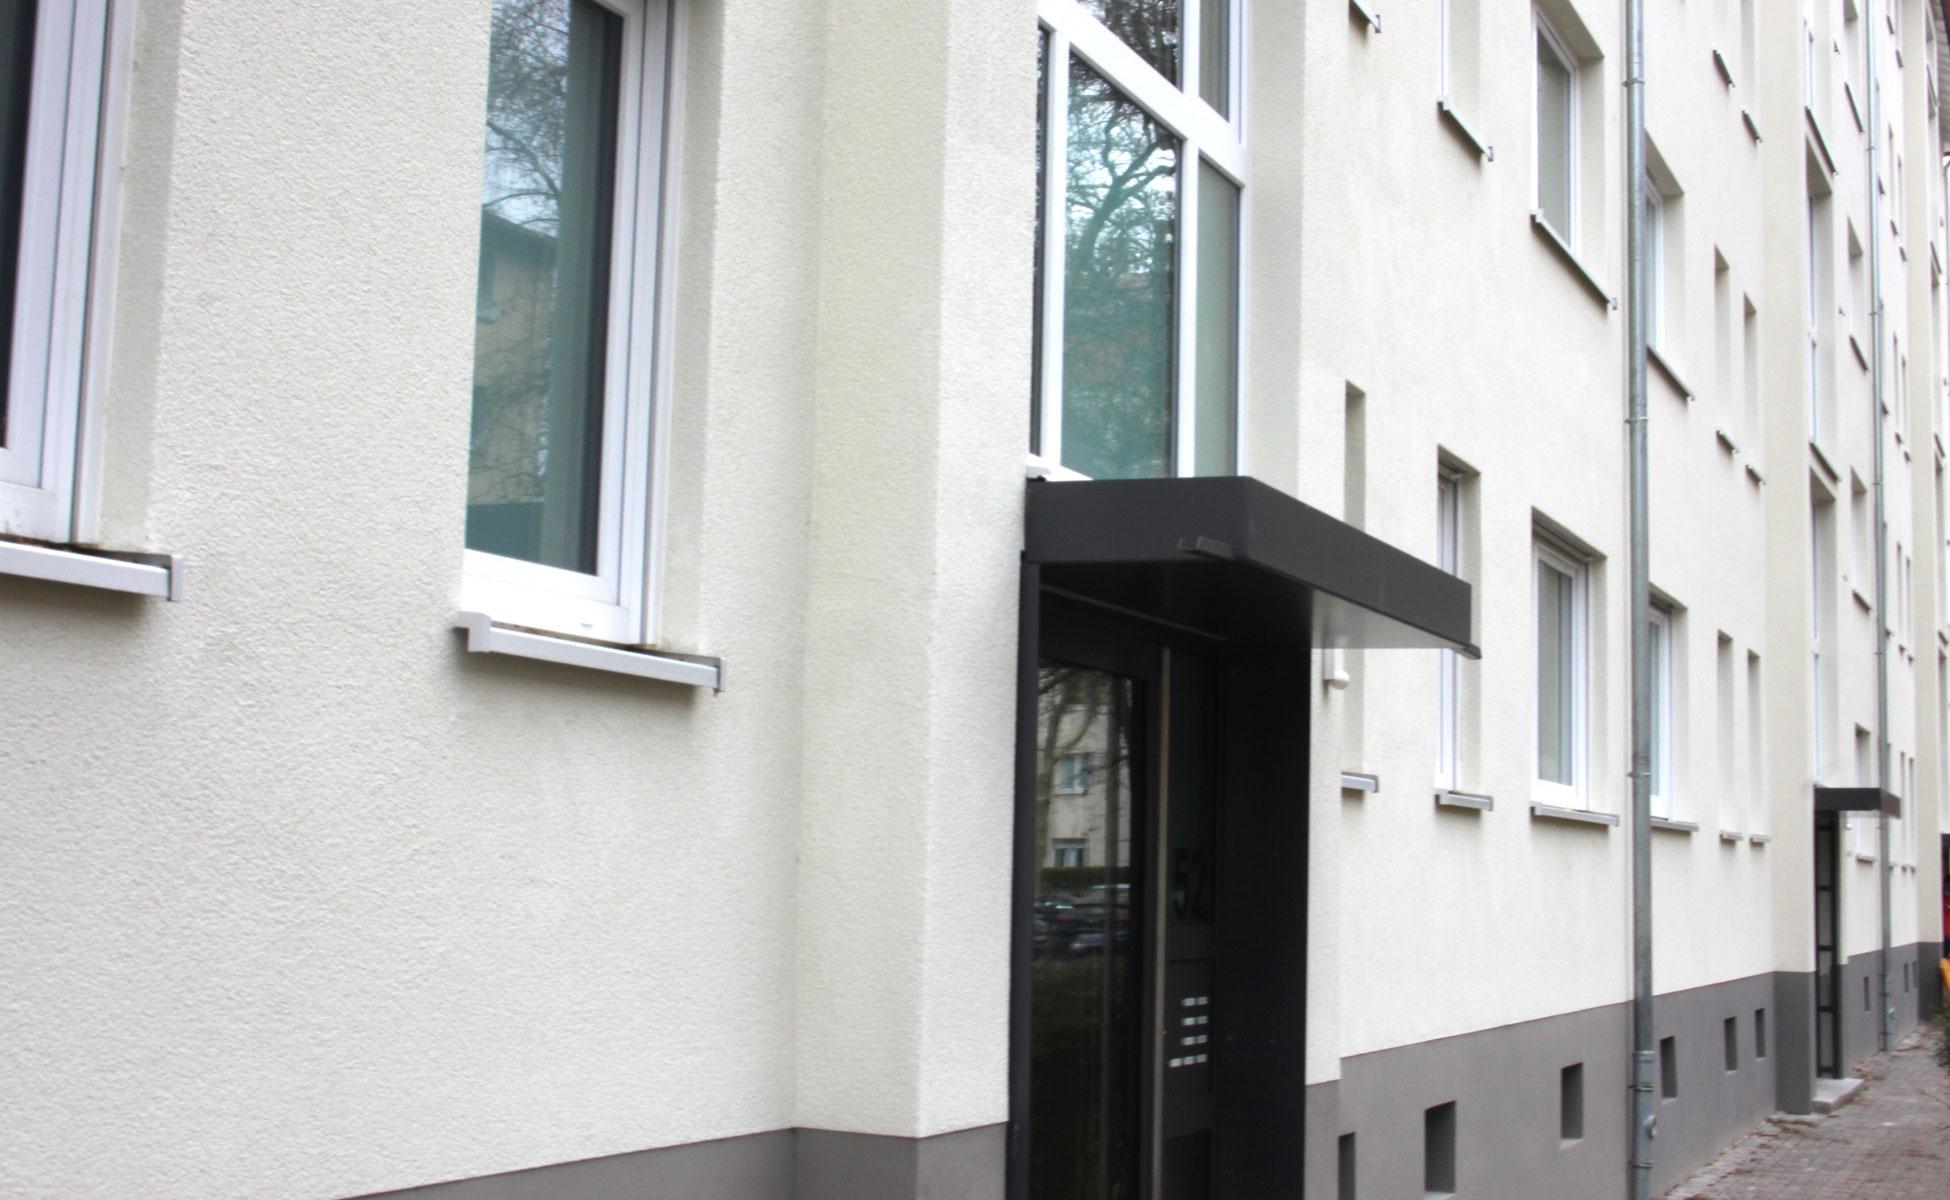 Referenz Art Objektbau Mainz -9